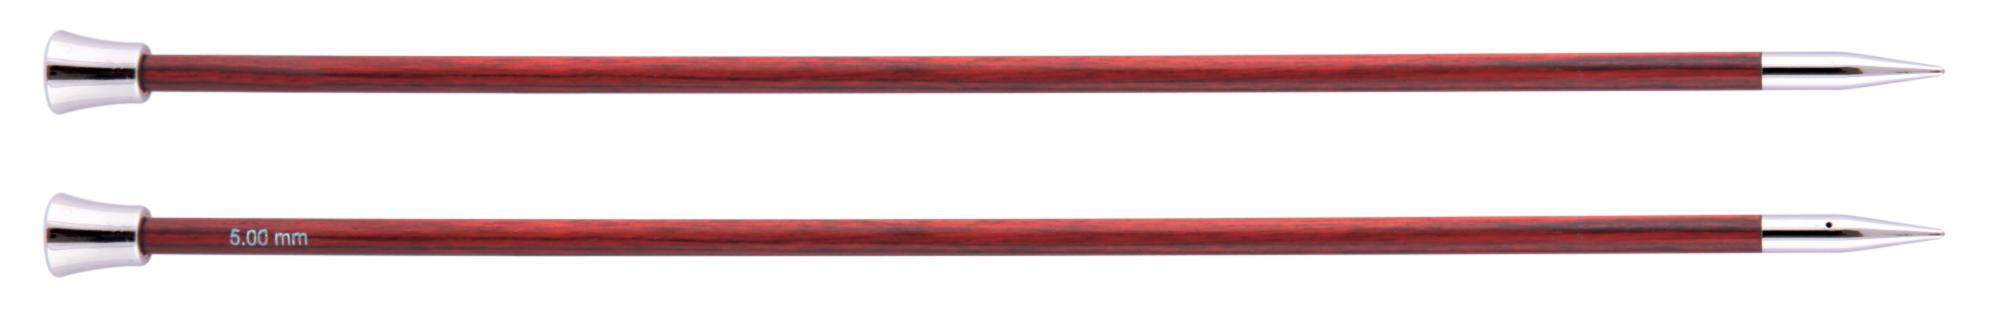 Спицы прямые 40 см Royale KnitPro, 29237, 5.00 мм